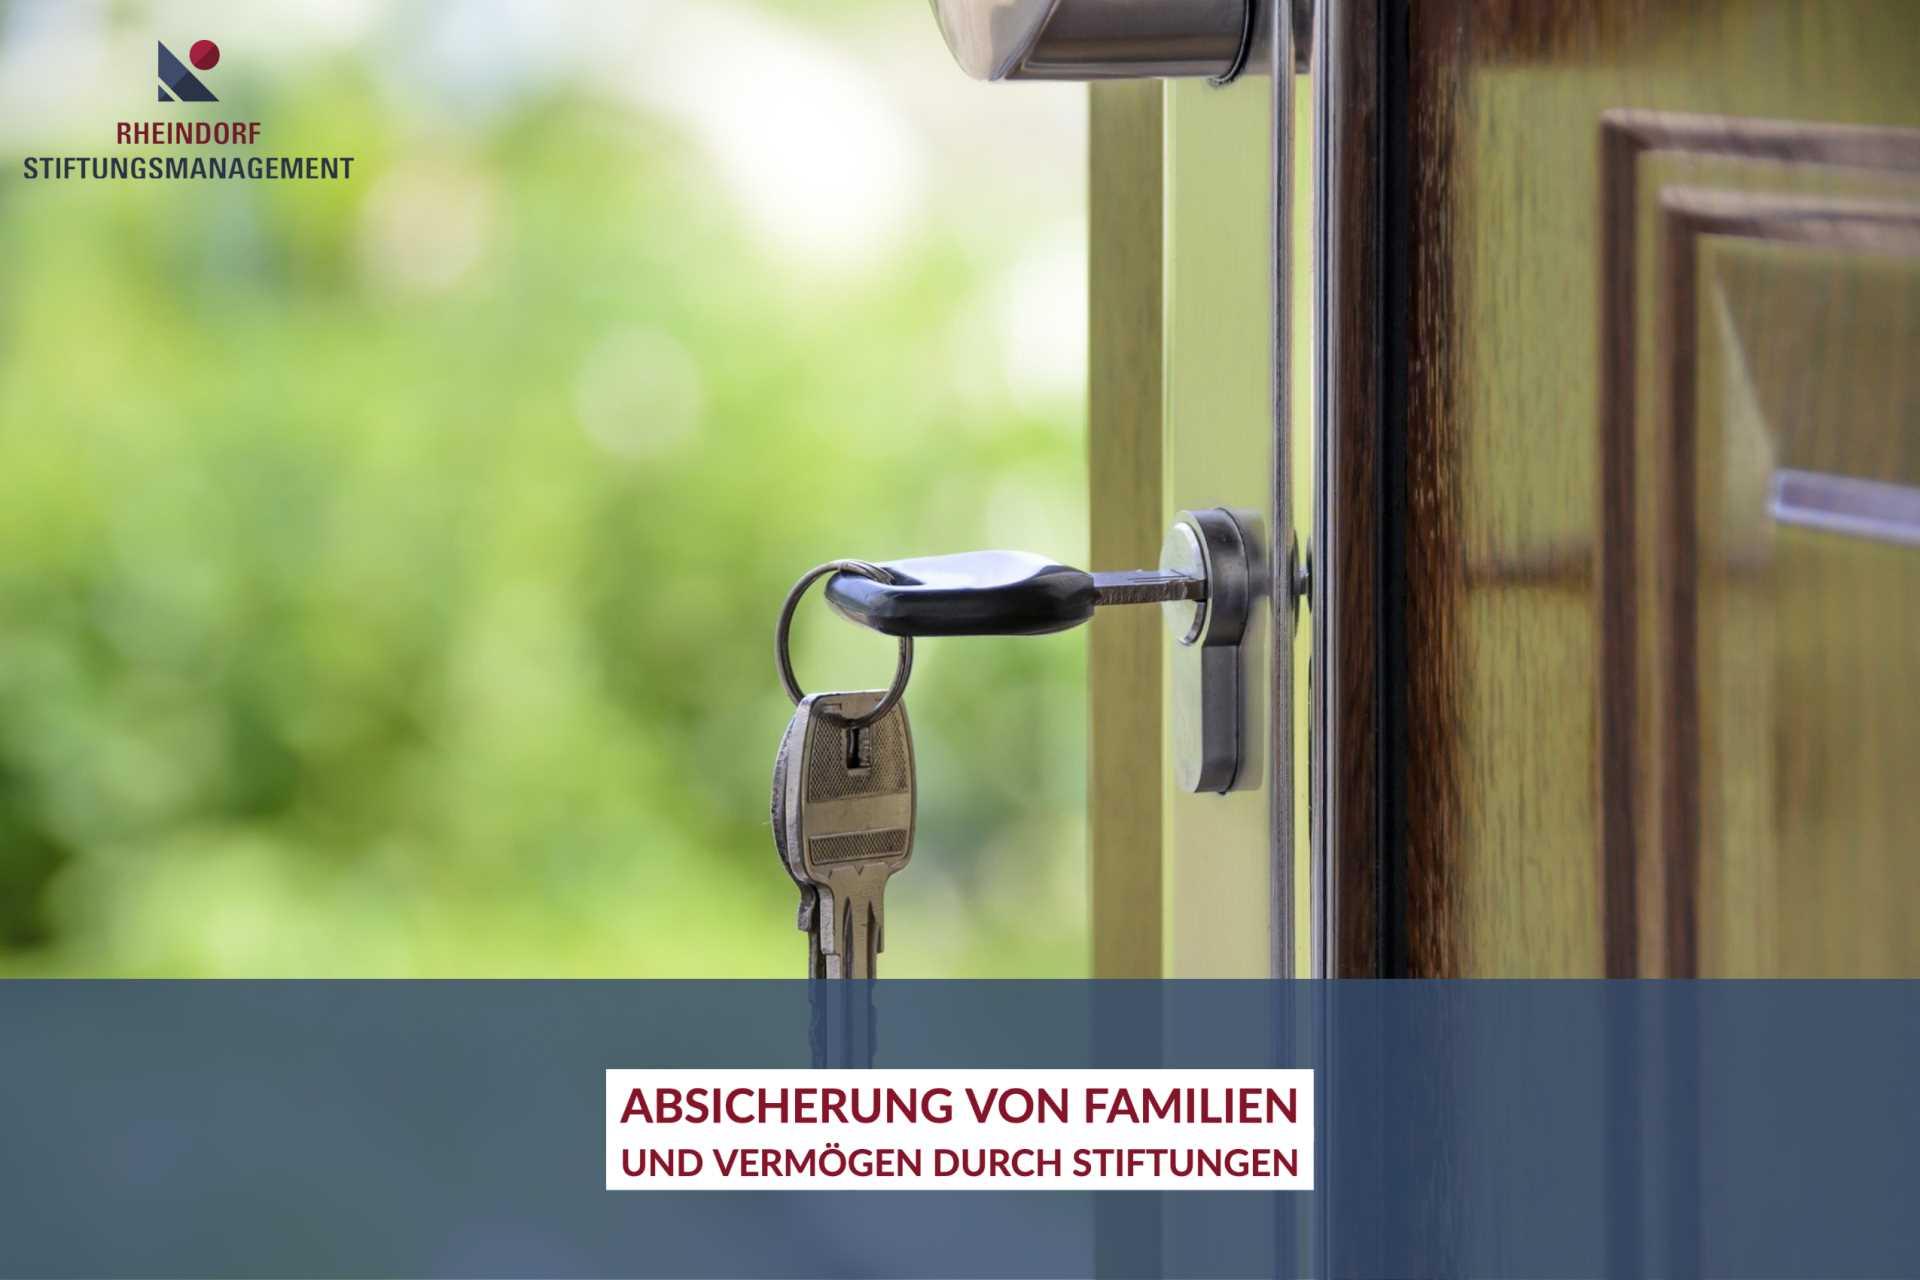 Familienstiftung: Absicherung für Familie und Vermögen